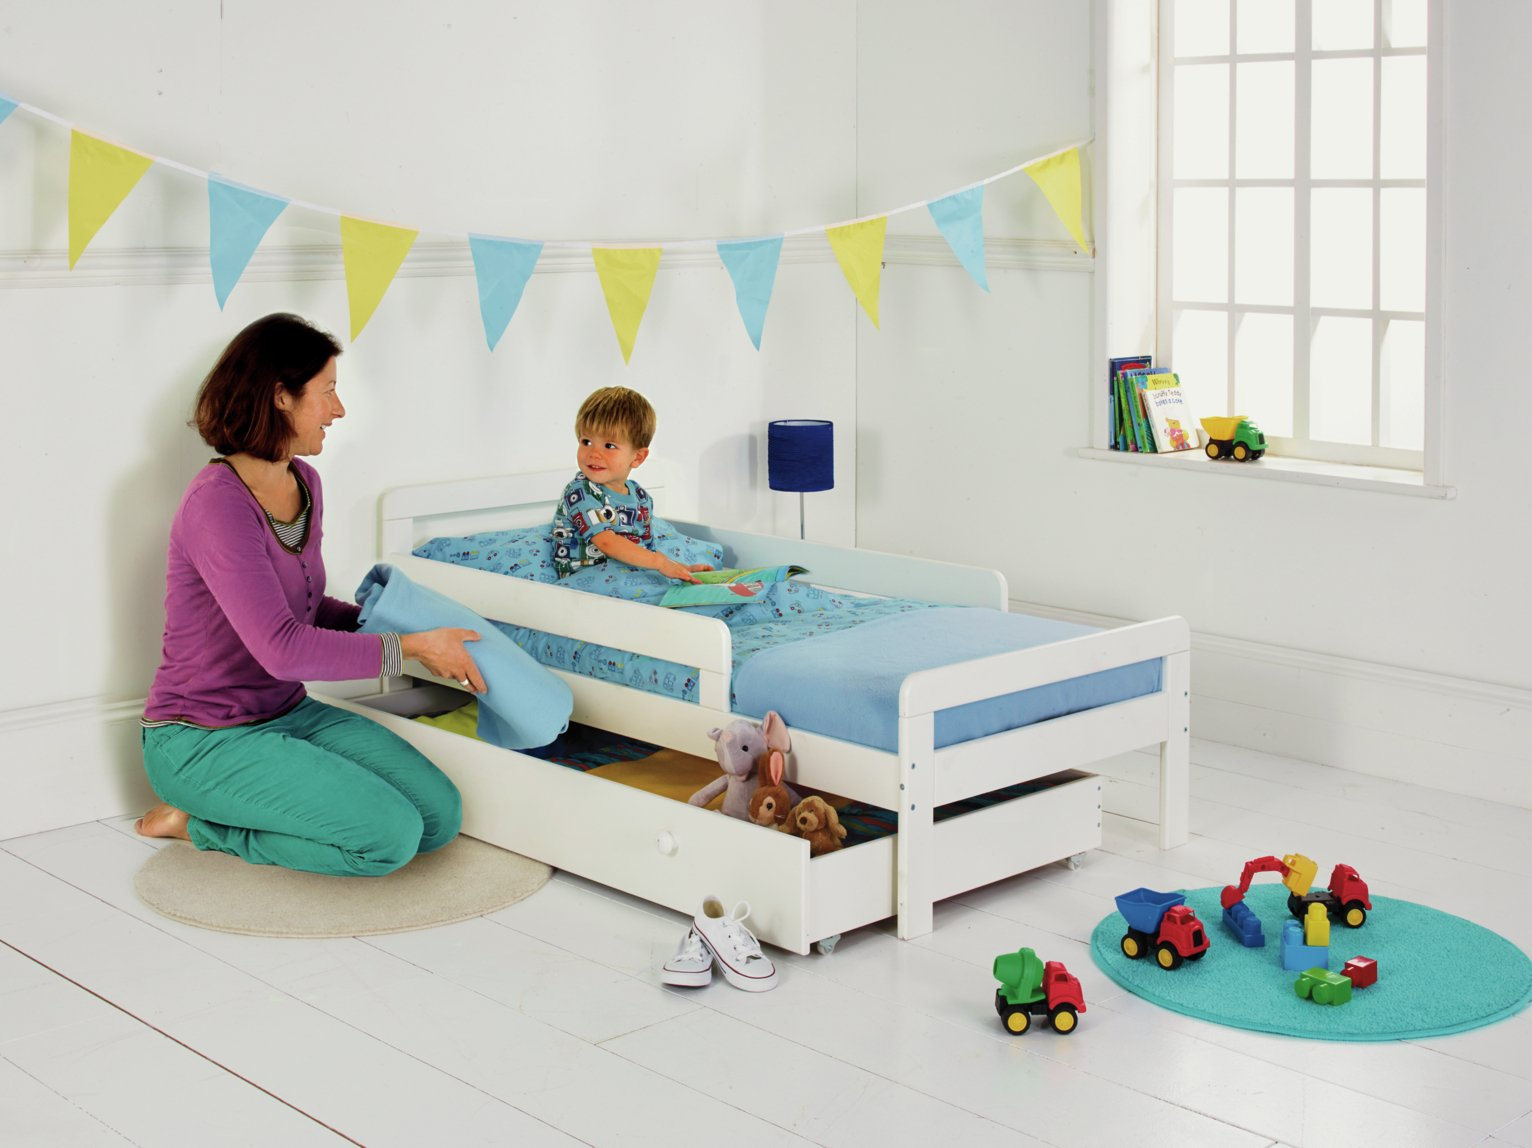 Argos Home Ellis White Toddler Bed Frame with Storage